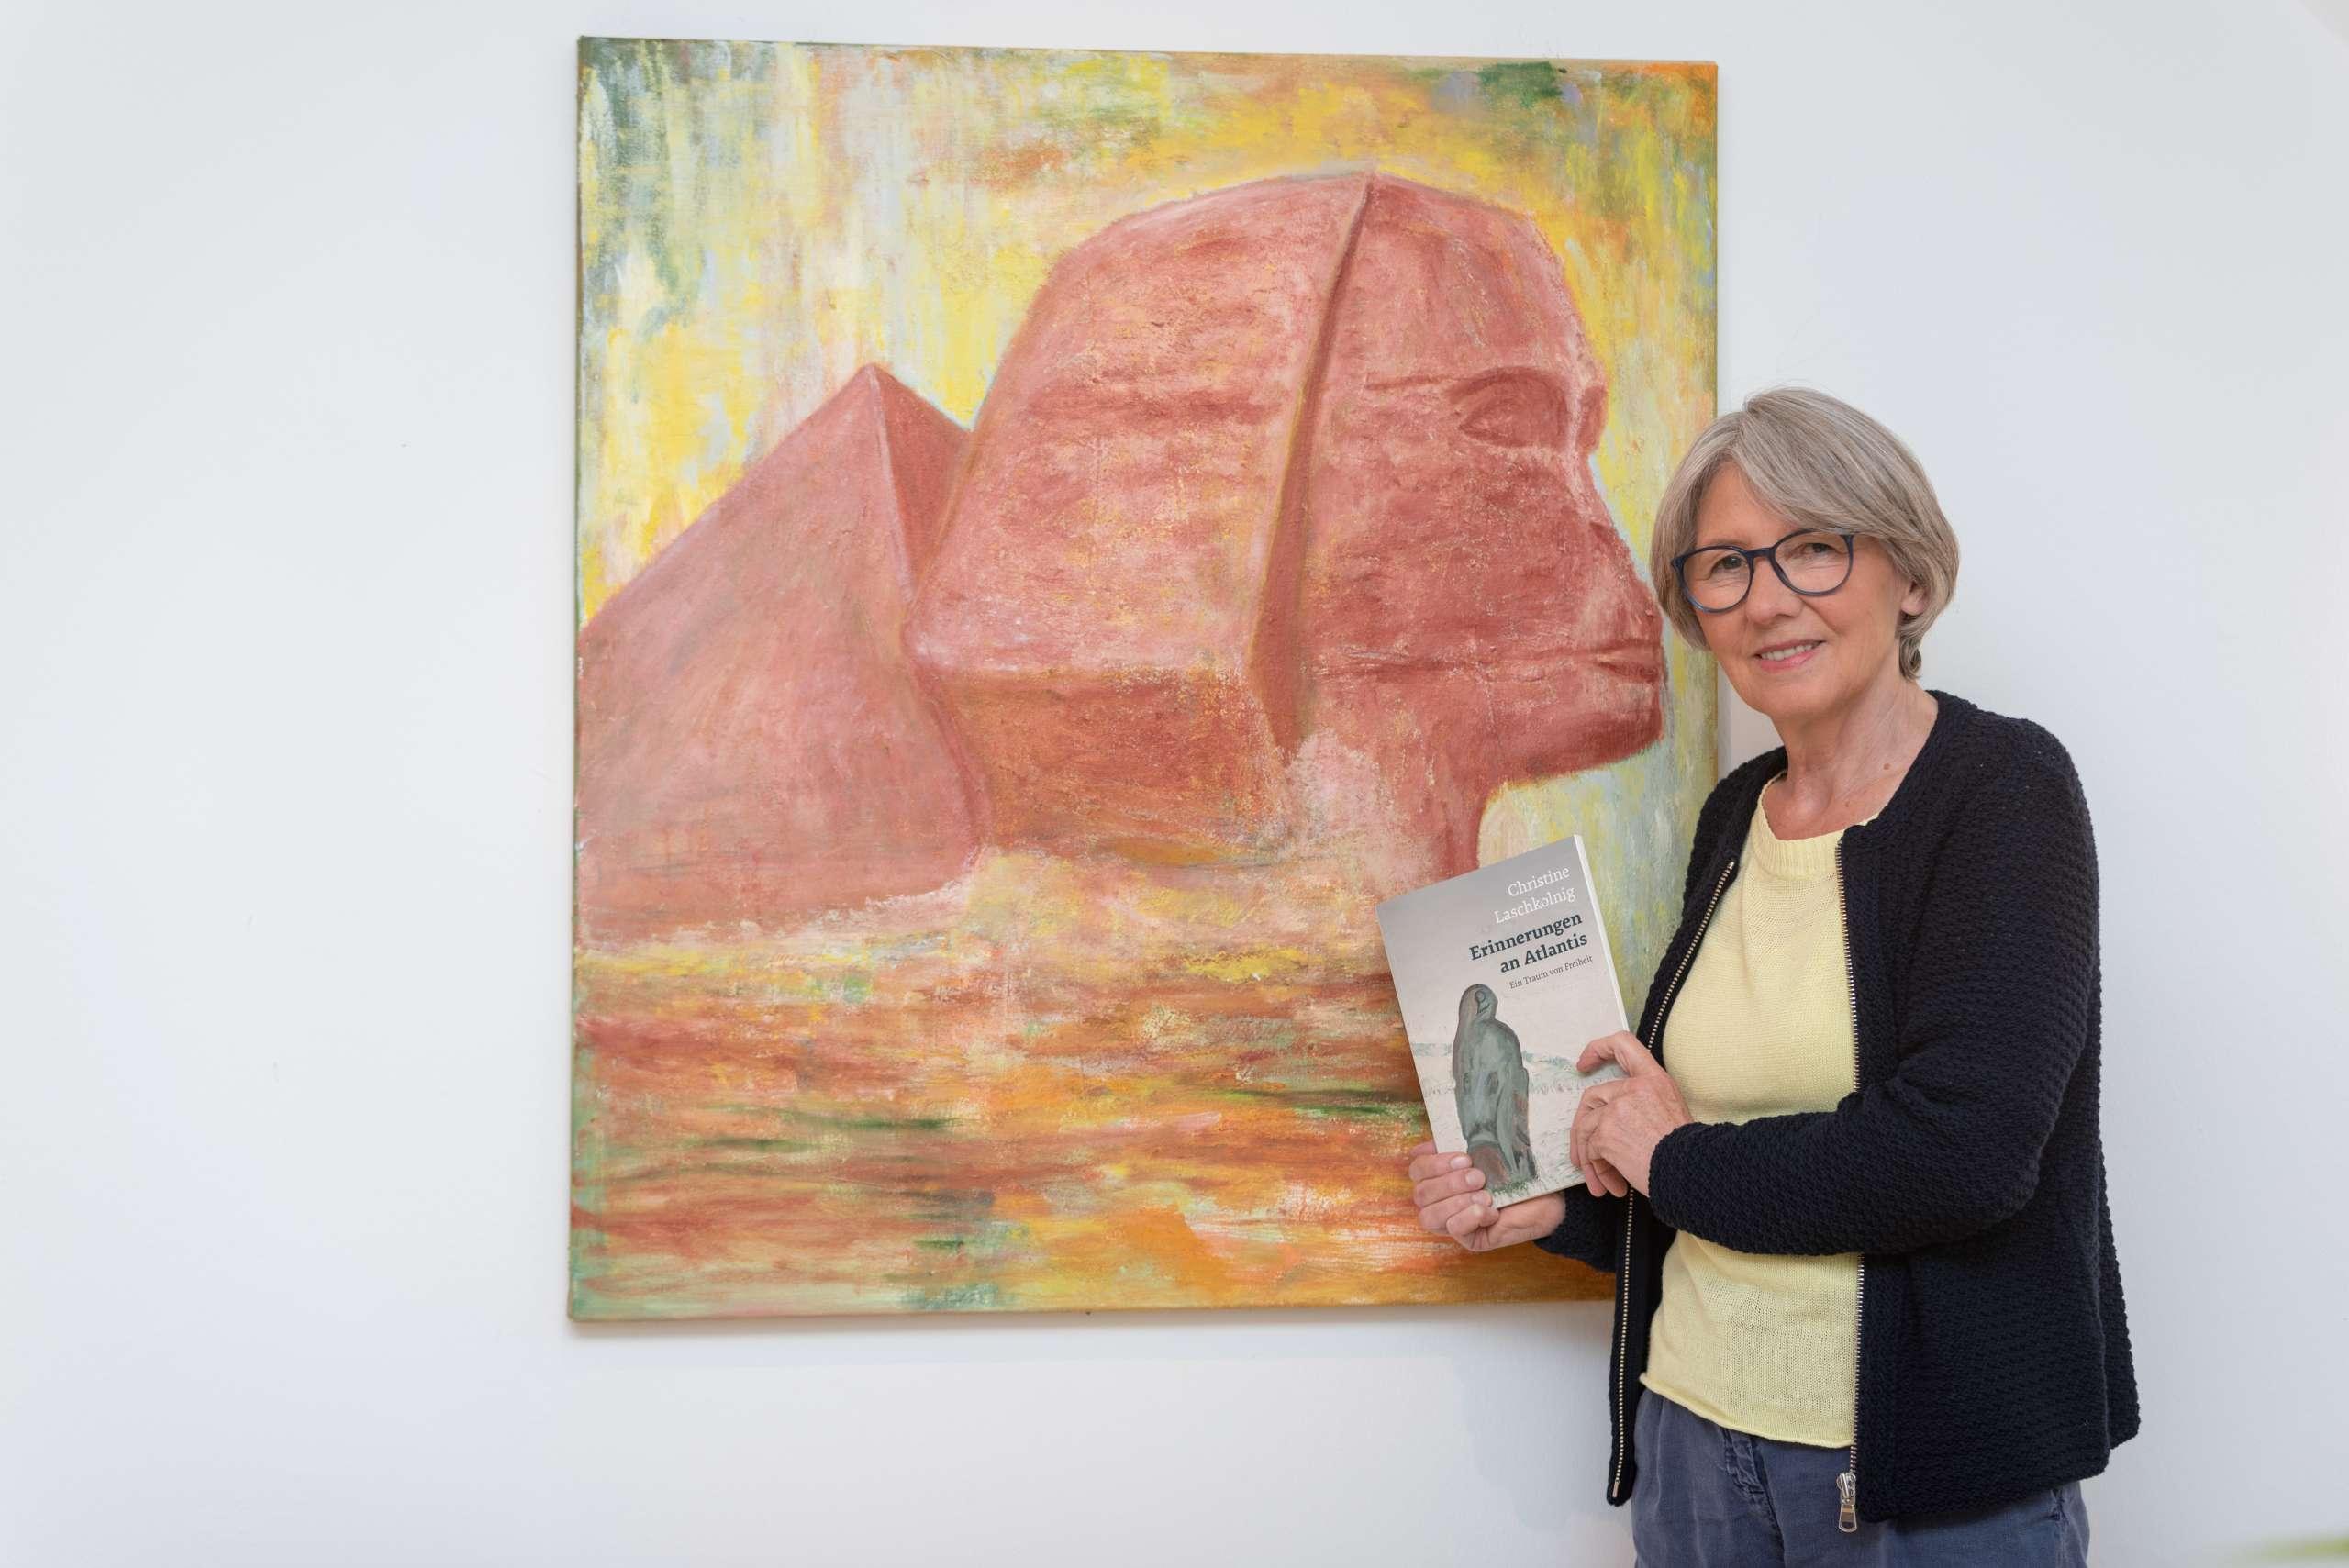 """Selbstgemaltes Bild aus dem Buch Dr. Christine Laschkolnig """"Erinnerungen an Atlantis - ein Traum von Freiheit"""": Sphinx"""